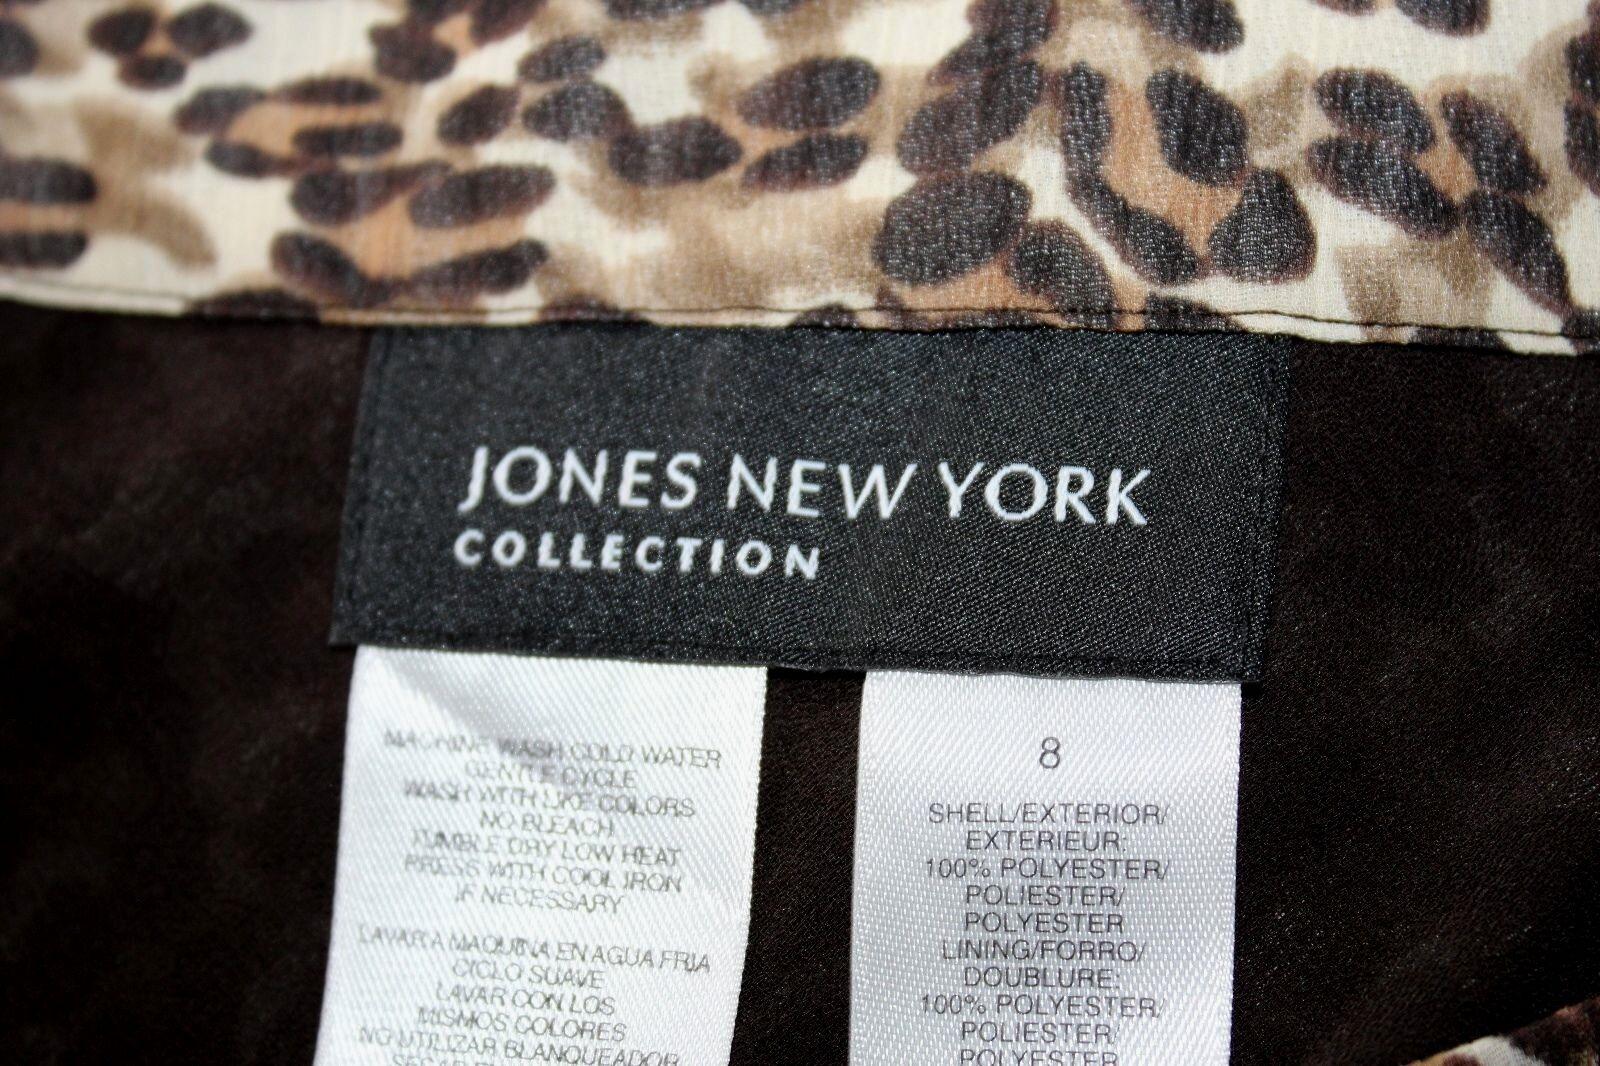 Jones New York - 8 (M) - Nuovo Nuovo Nuovo senza Etichetta - Marronee e Beige Chetah b6e220